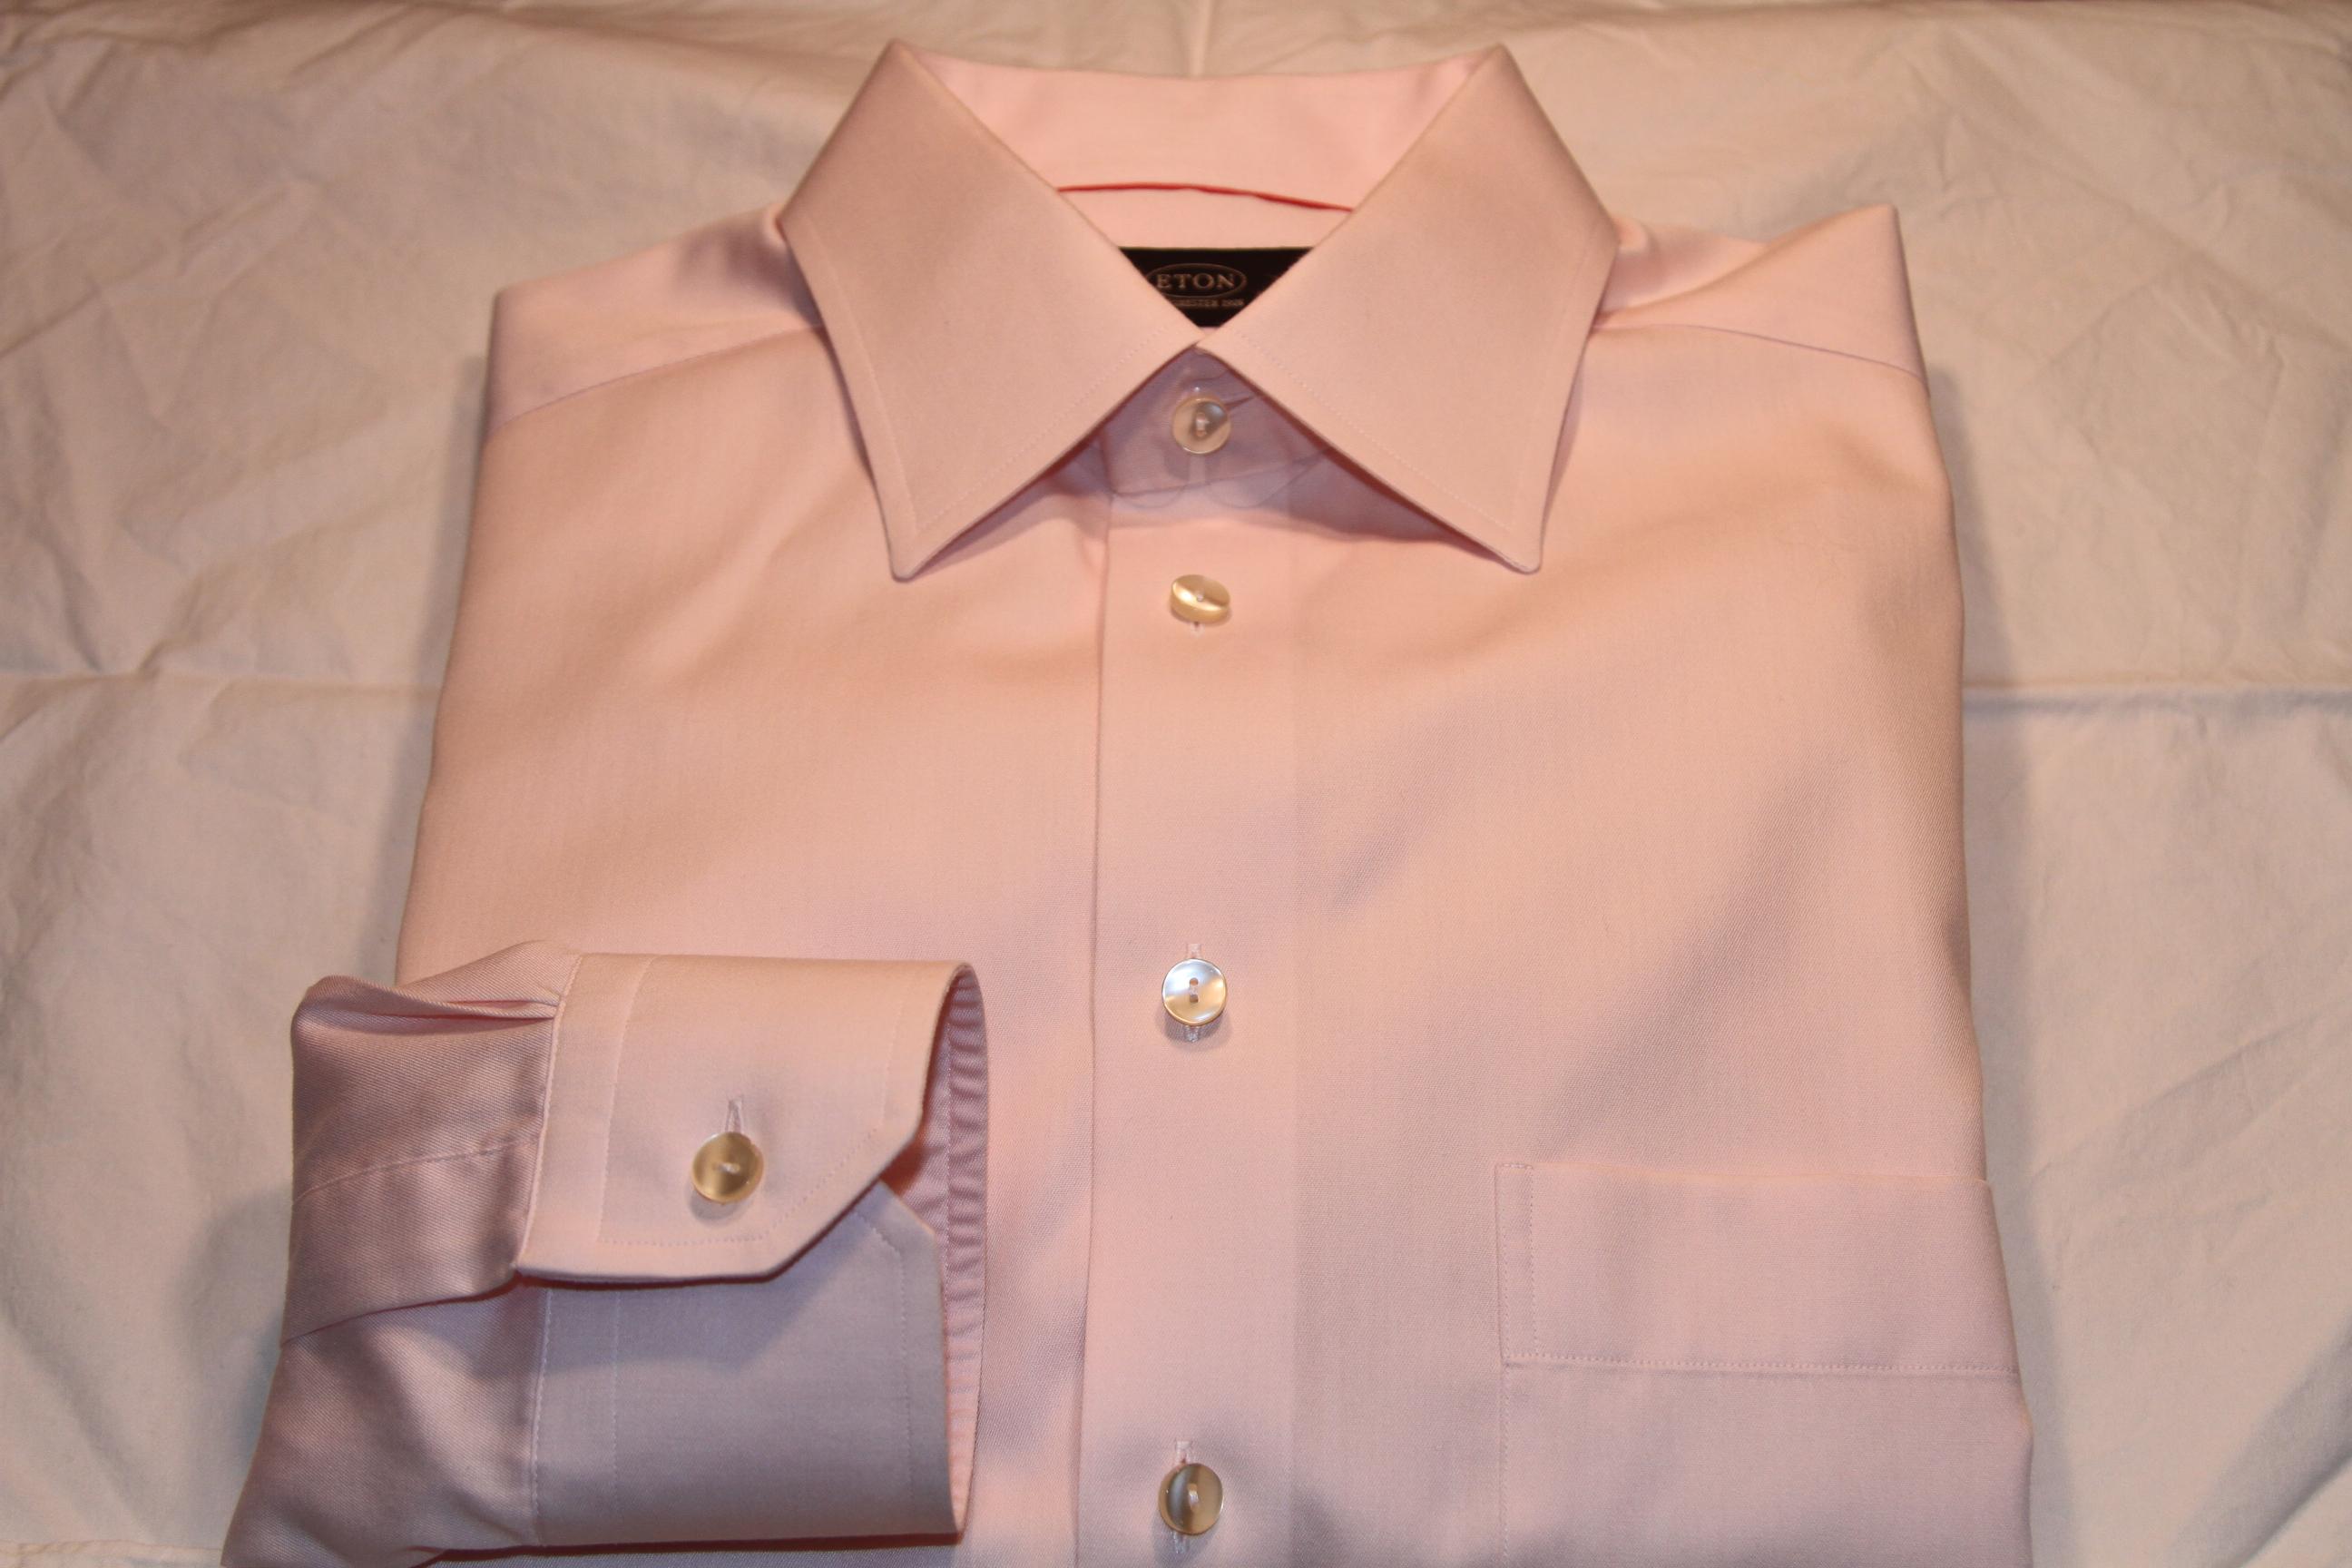 #8 - Eton 41/16 Light Pink Solid